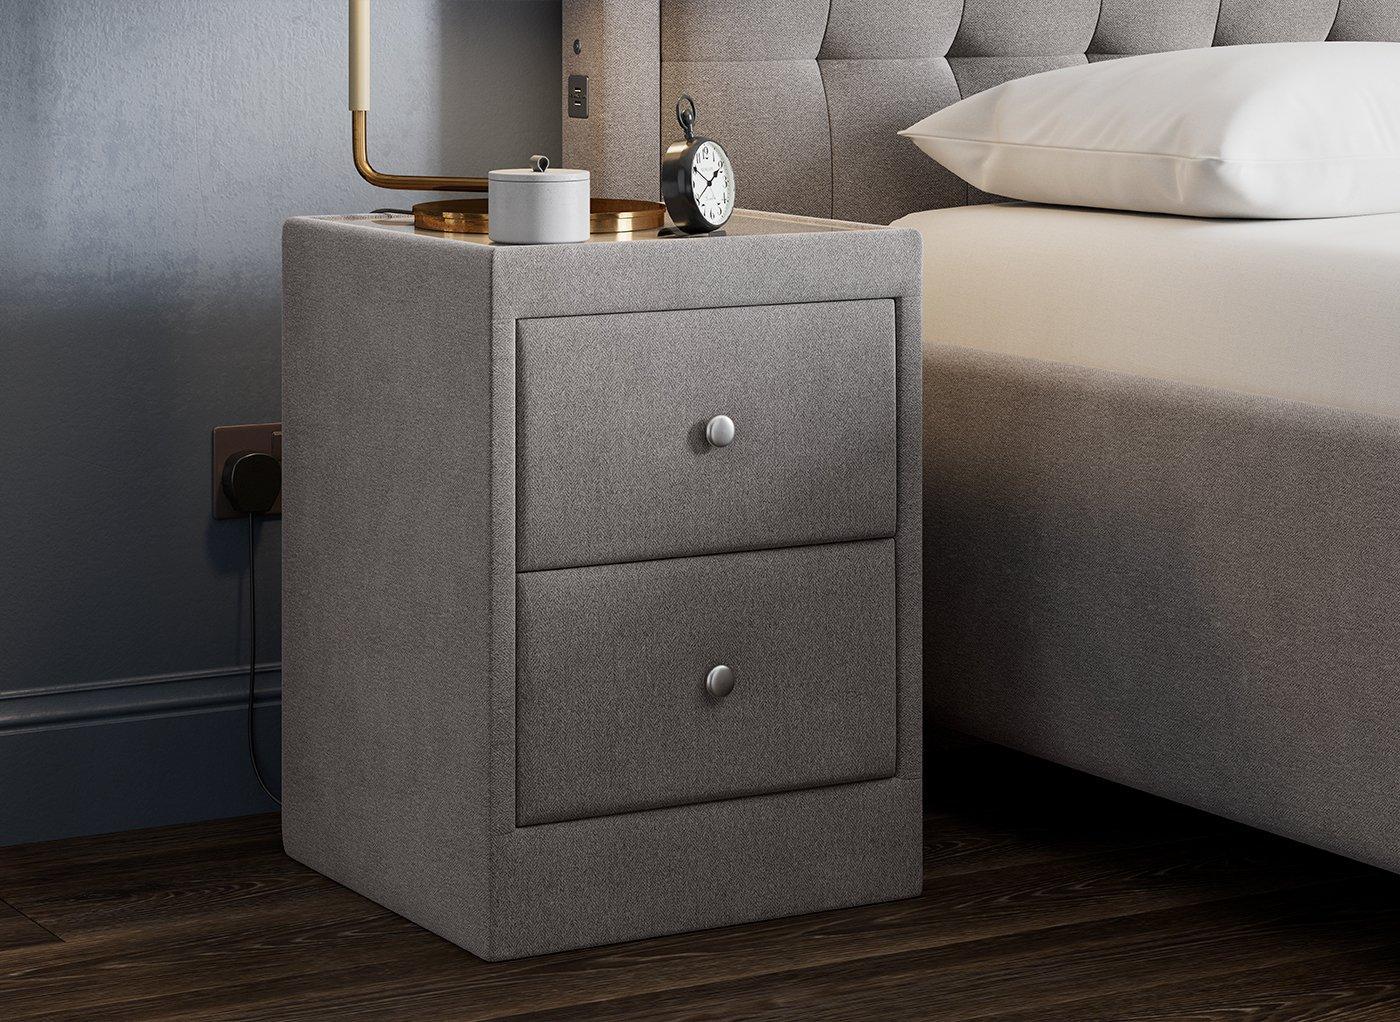 hodsgon-2-drawer-upholstered-bedside-table